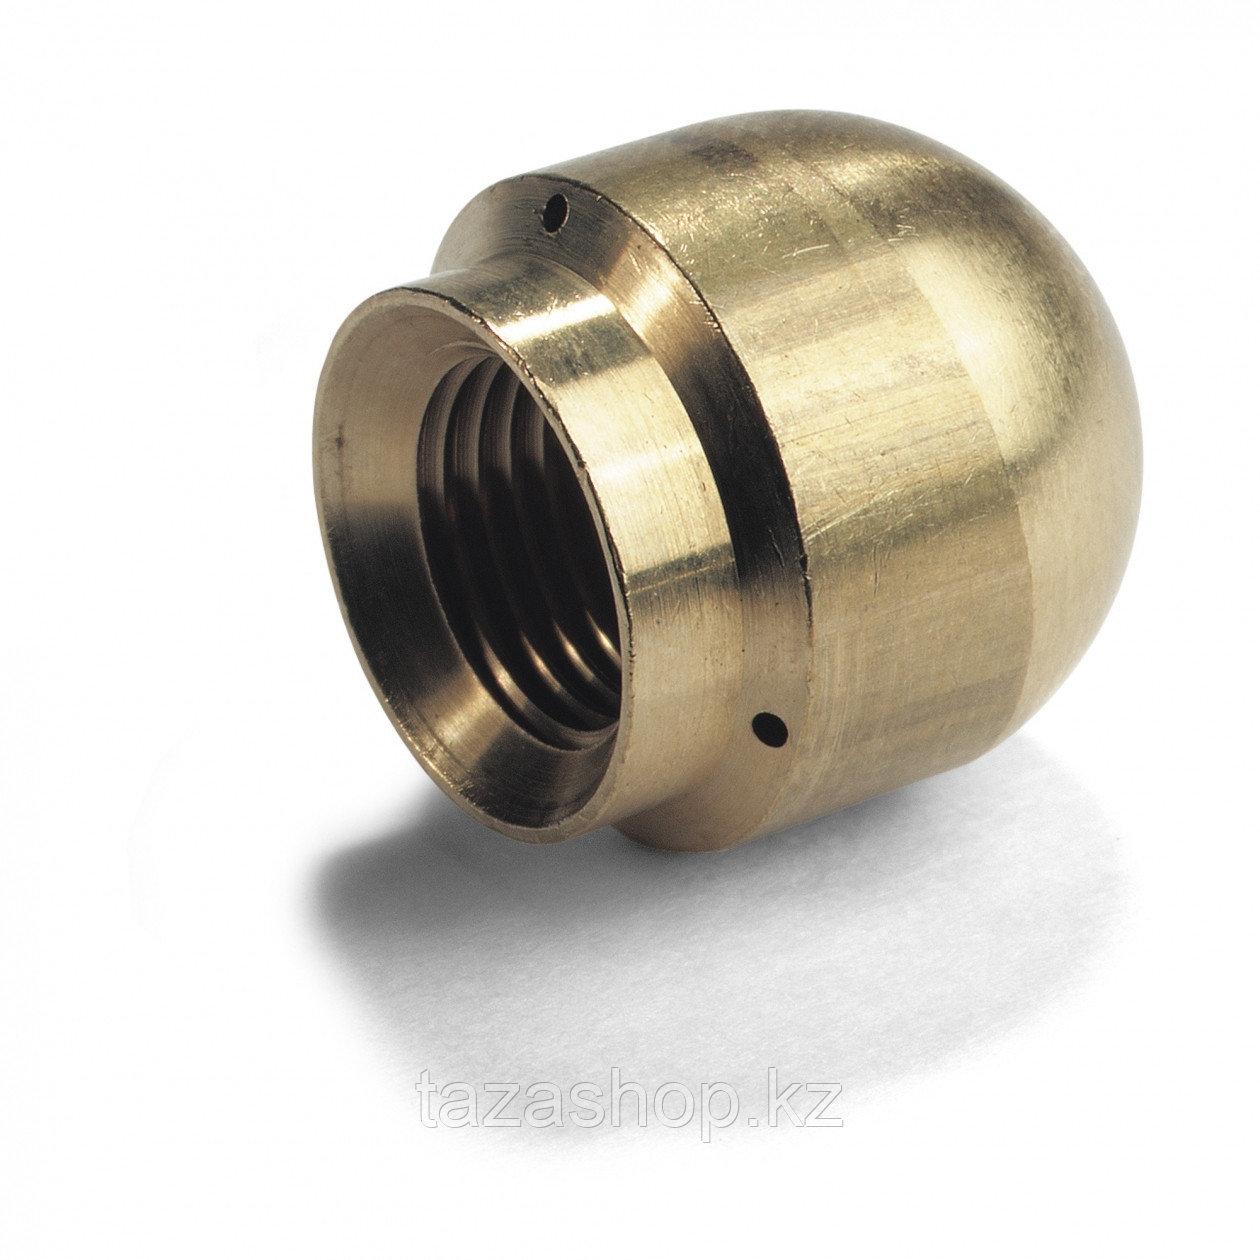 Насадка для прочистки труб 055, 3x30°